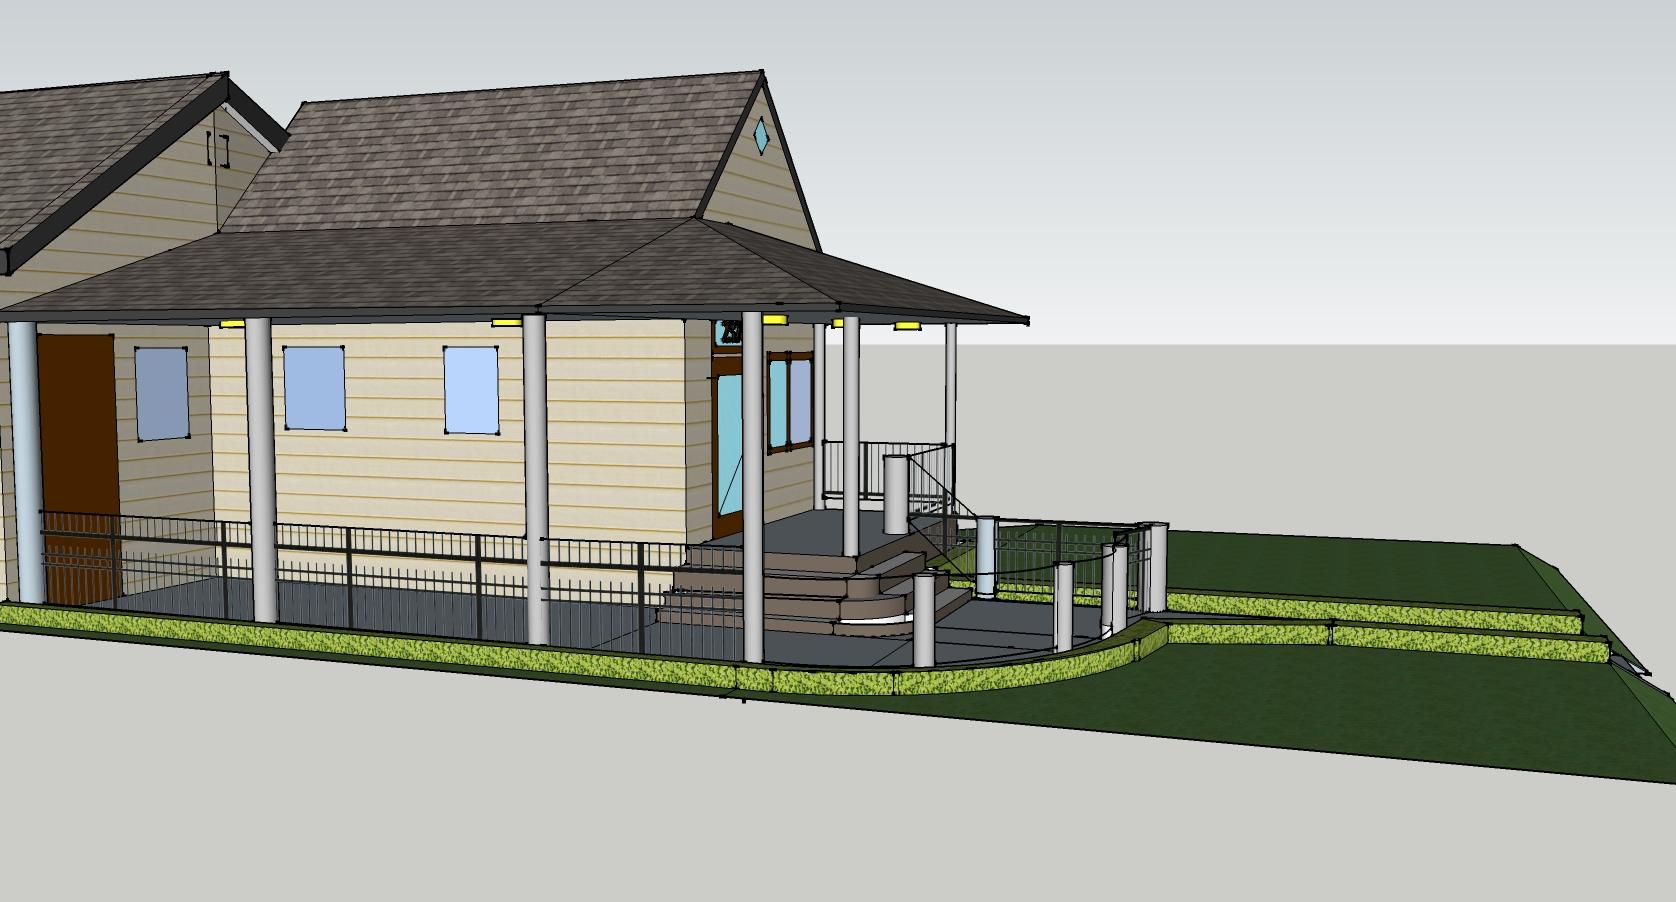 cad porch designs | st louis renewable energy-scotts contracting